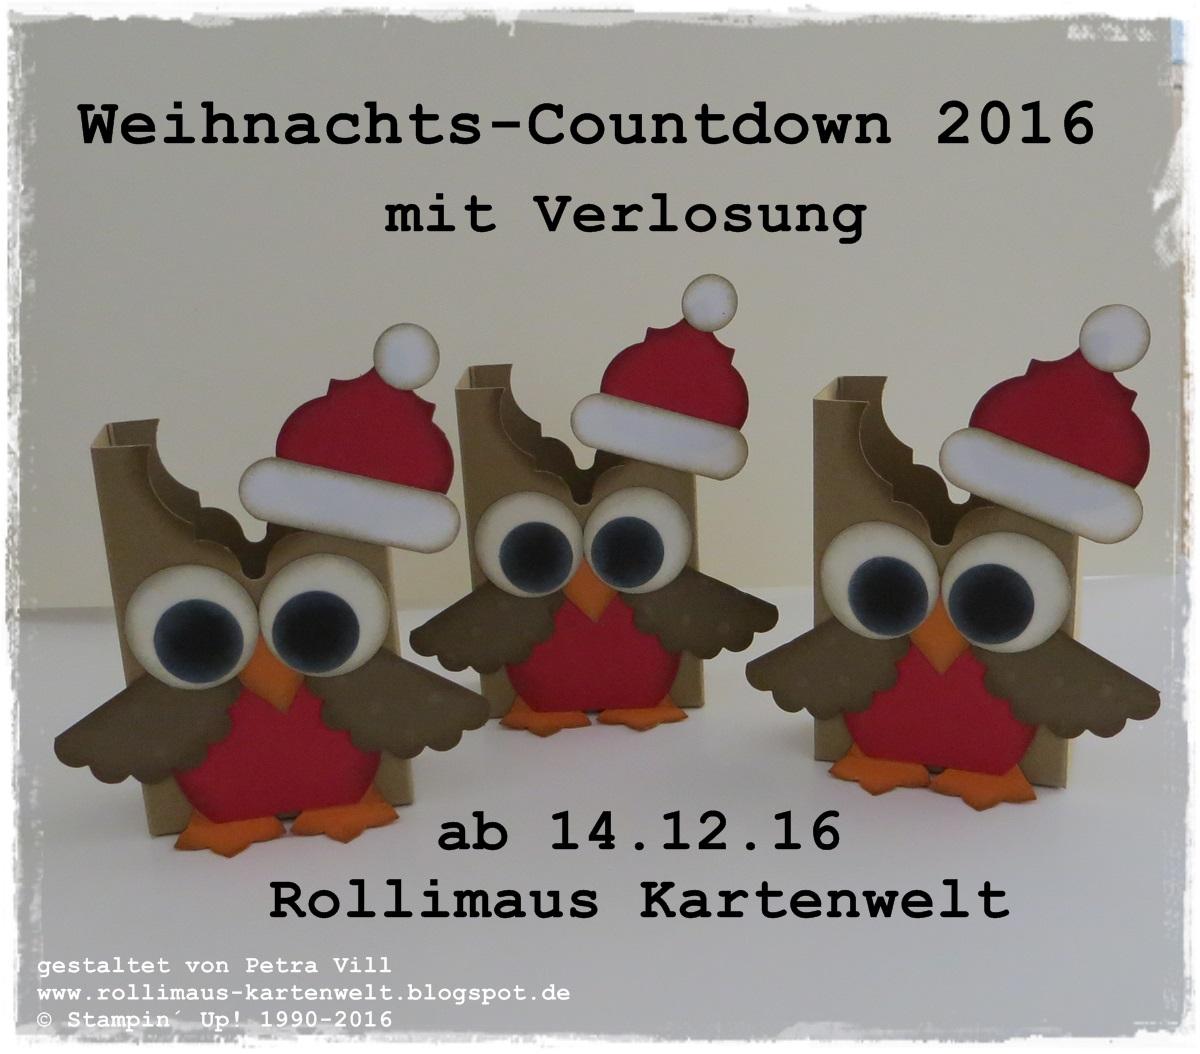 Mein Weihnachts - Countdown für DICH